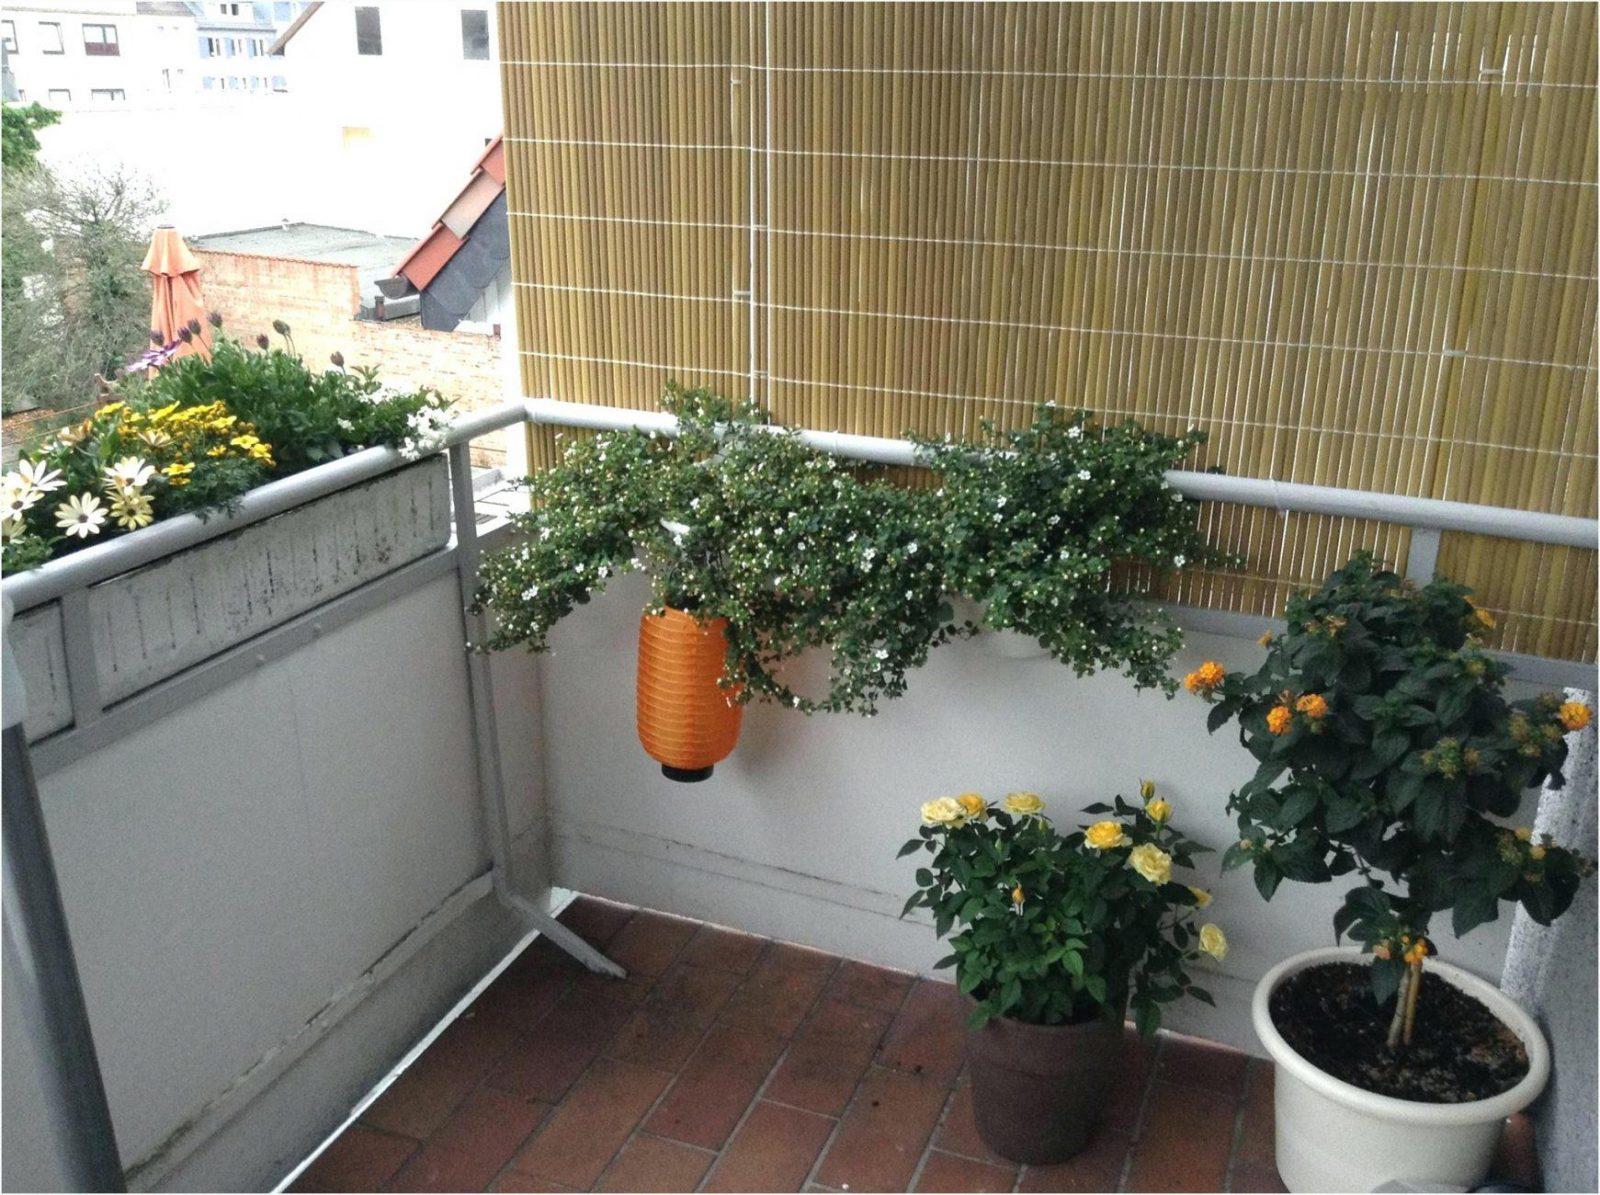 Sichtschutz Selber Machen Luxus Balkon Cool Full Size Weidengeflecht von Sichtschutz Für Balkon Selber Machen Bild